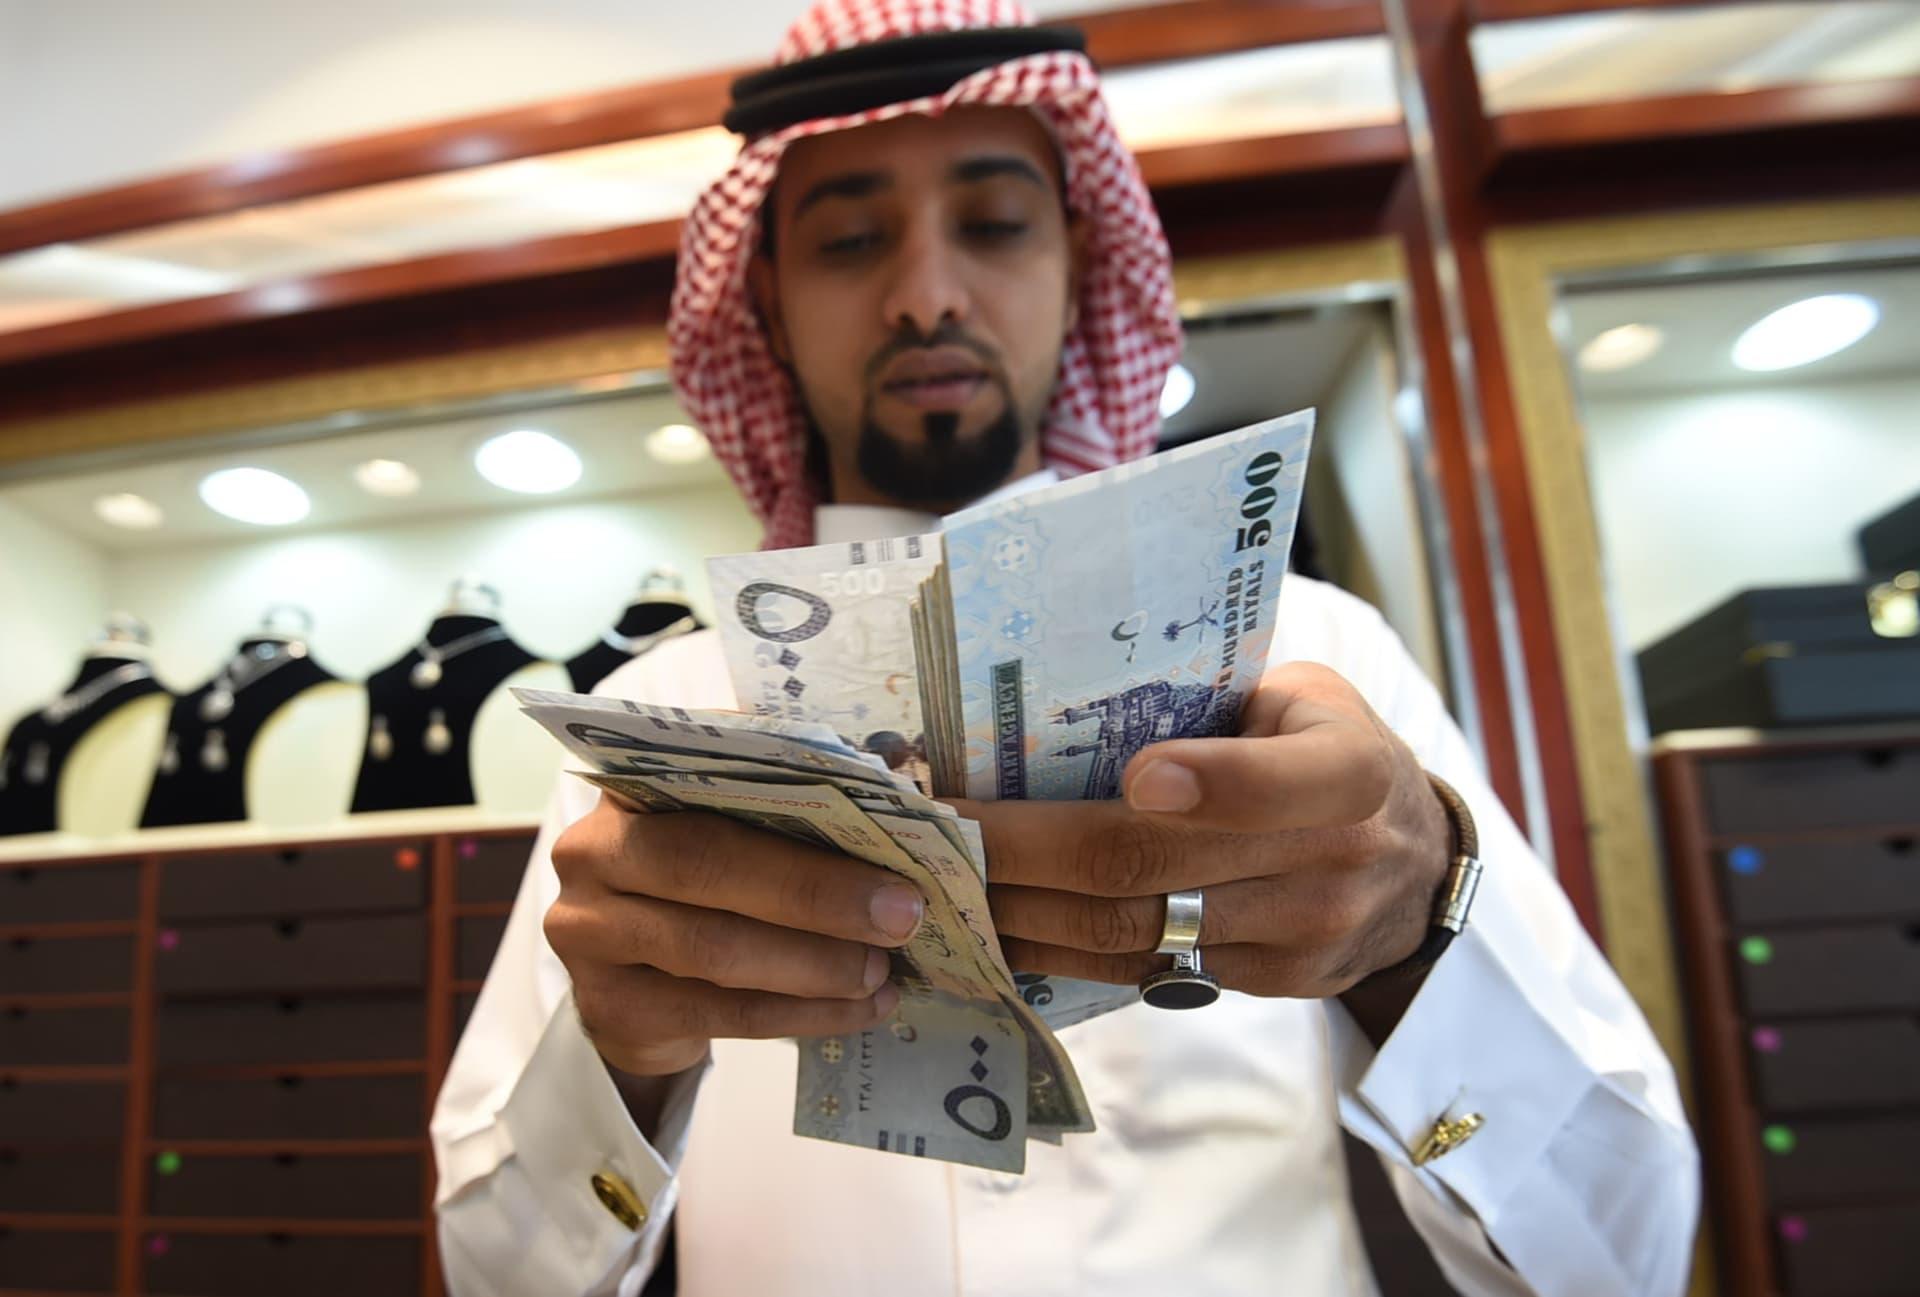 وزير المالية يطمئن السعوديين: لا ضرائب على دخل المواطن أو الشركات السعودية